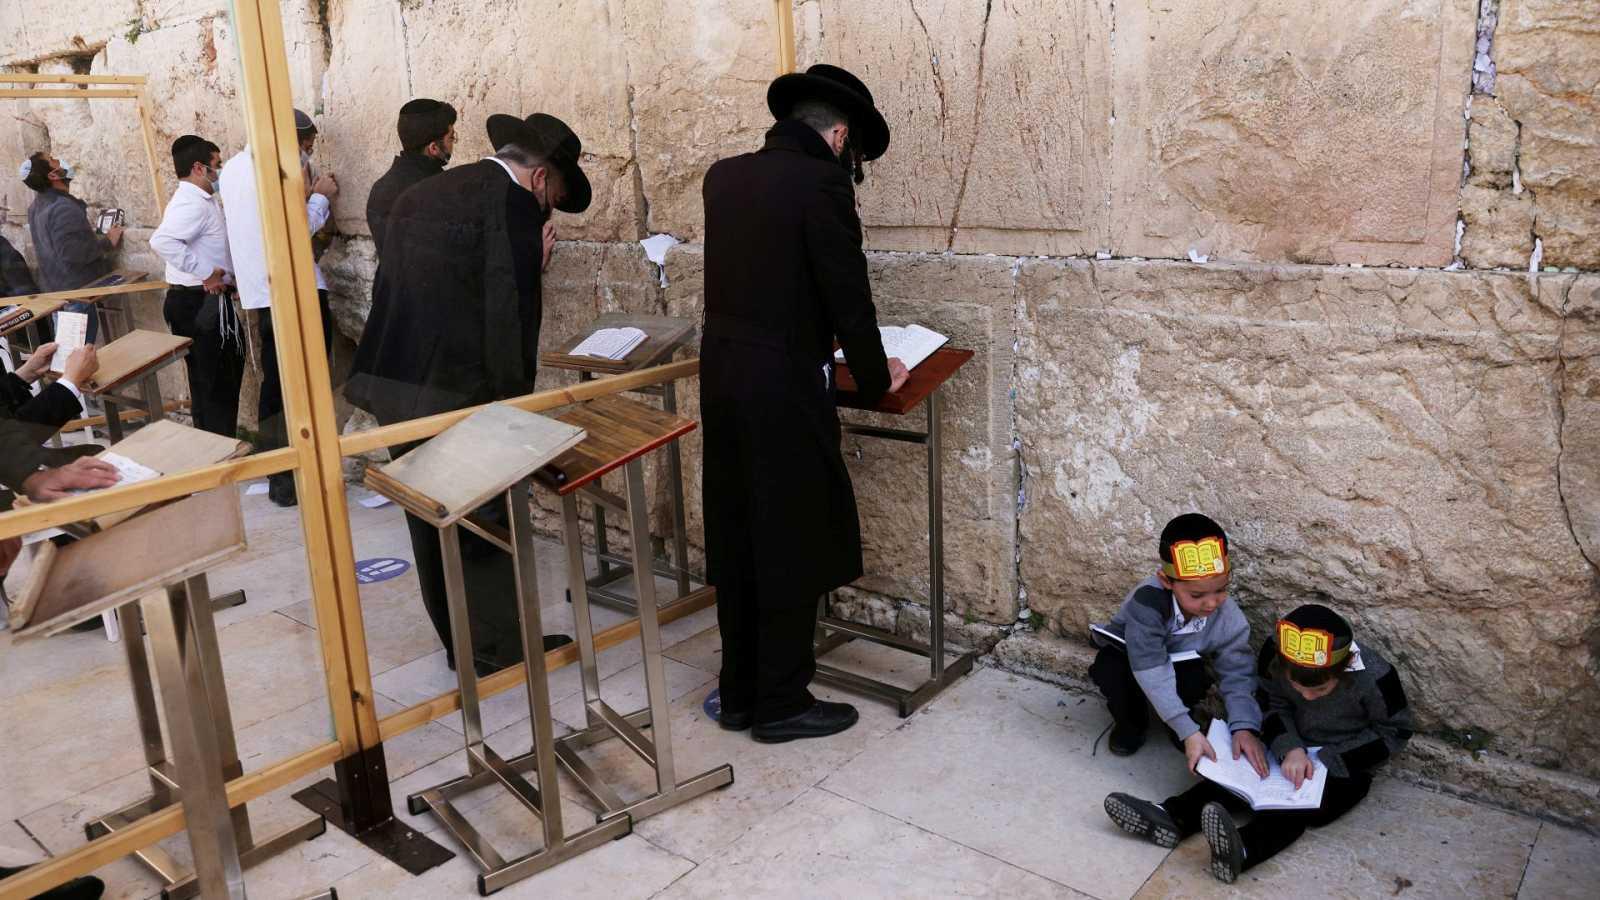 Niños judíos ultraortodoxos juegan mientras varios hombres rezan frente al Muro de las Lamentaciones de Jerusalén